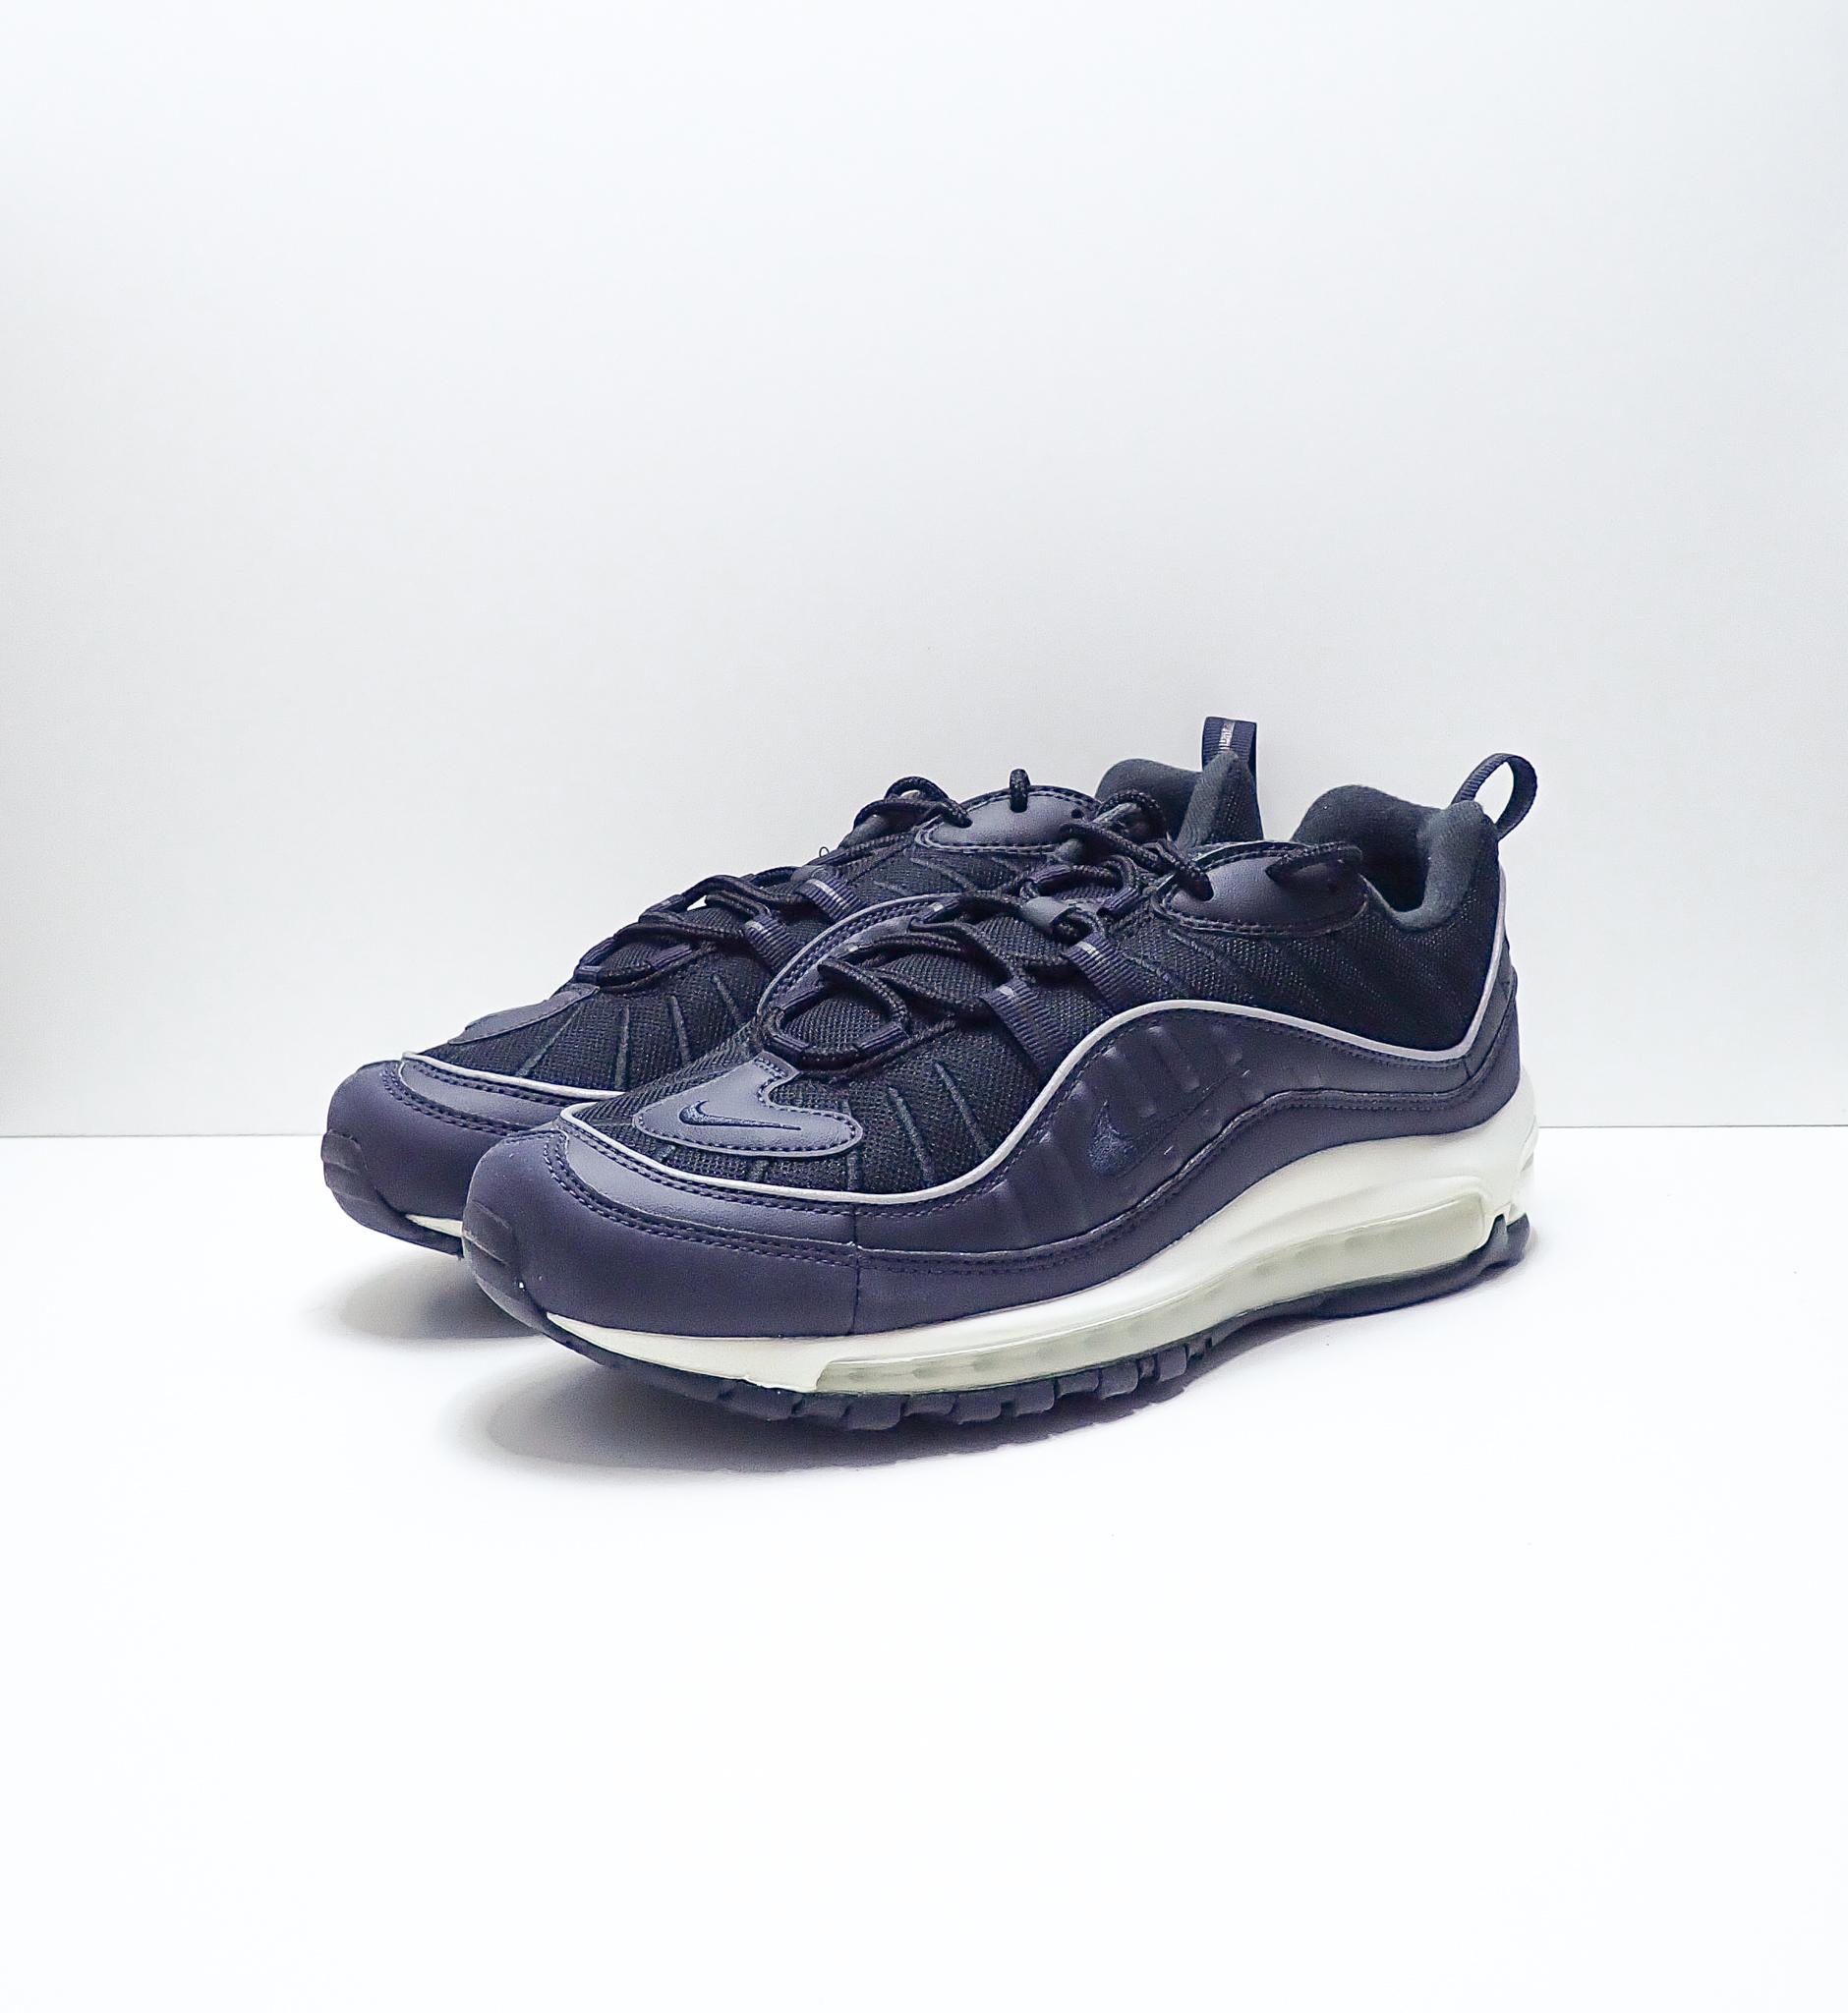 Nike Air Max 98 Oil Grey